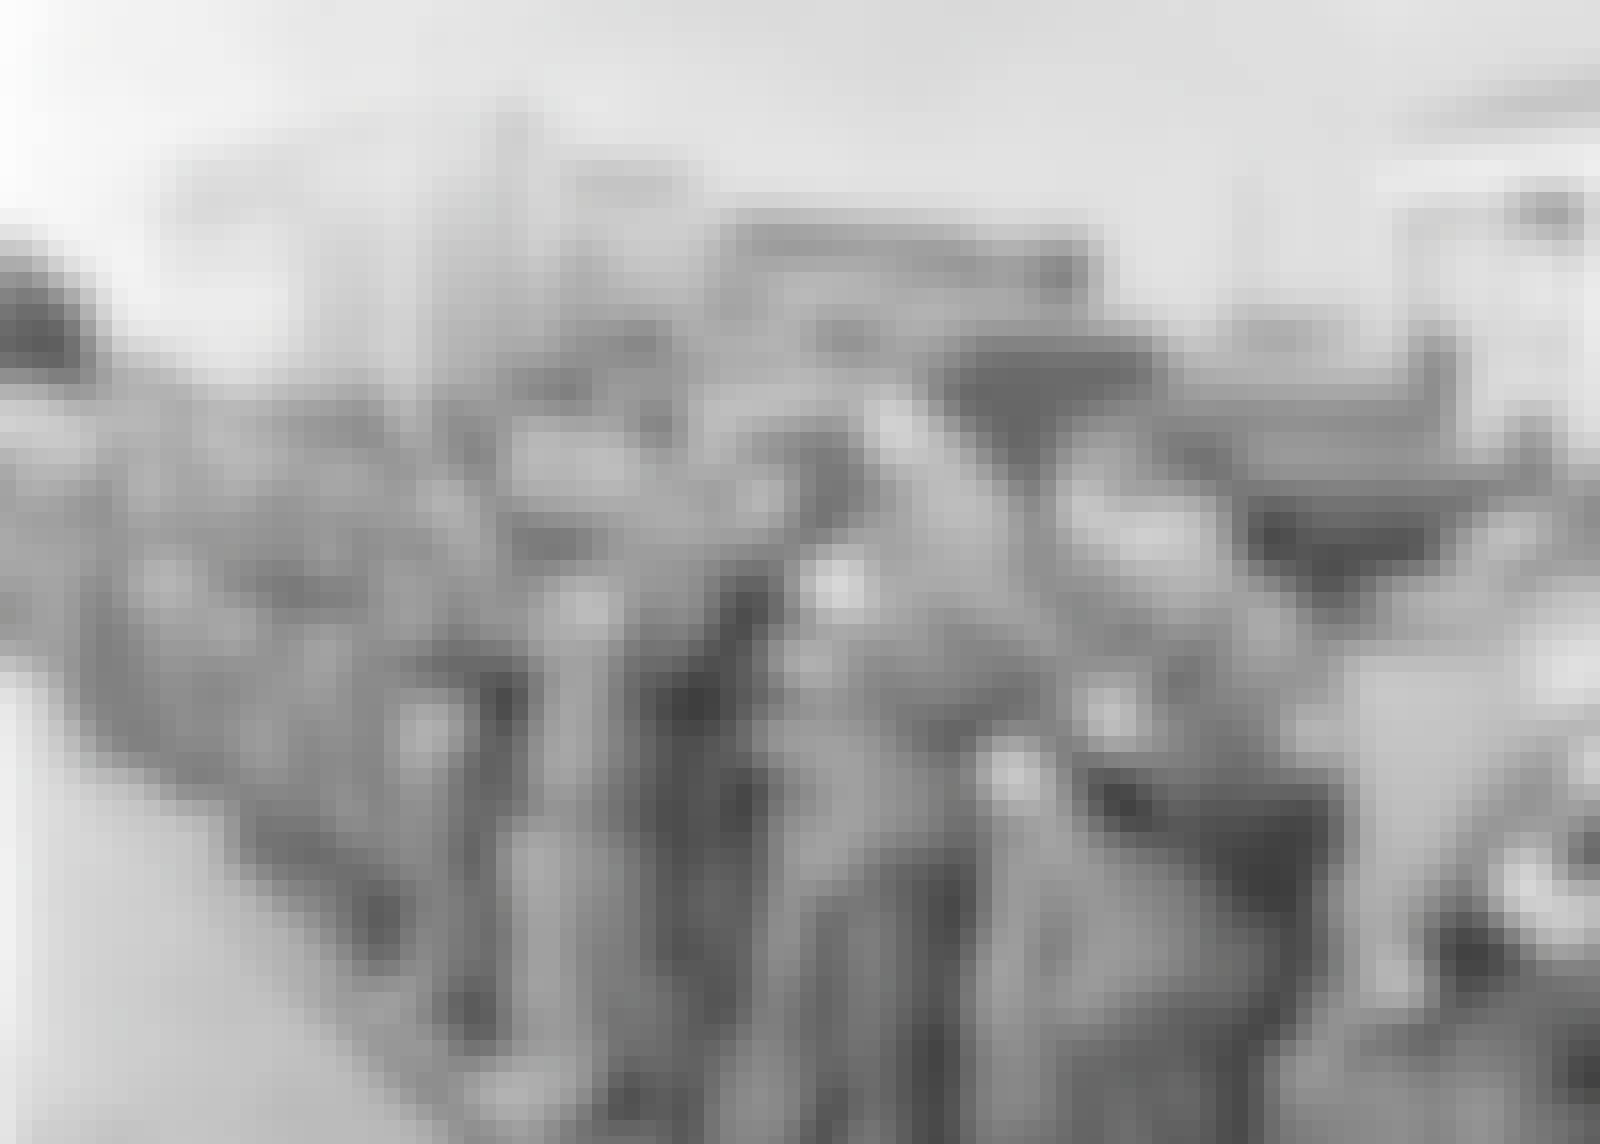 Östtyska soldater år 1961 fungerar som Berlinmur.